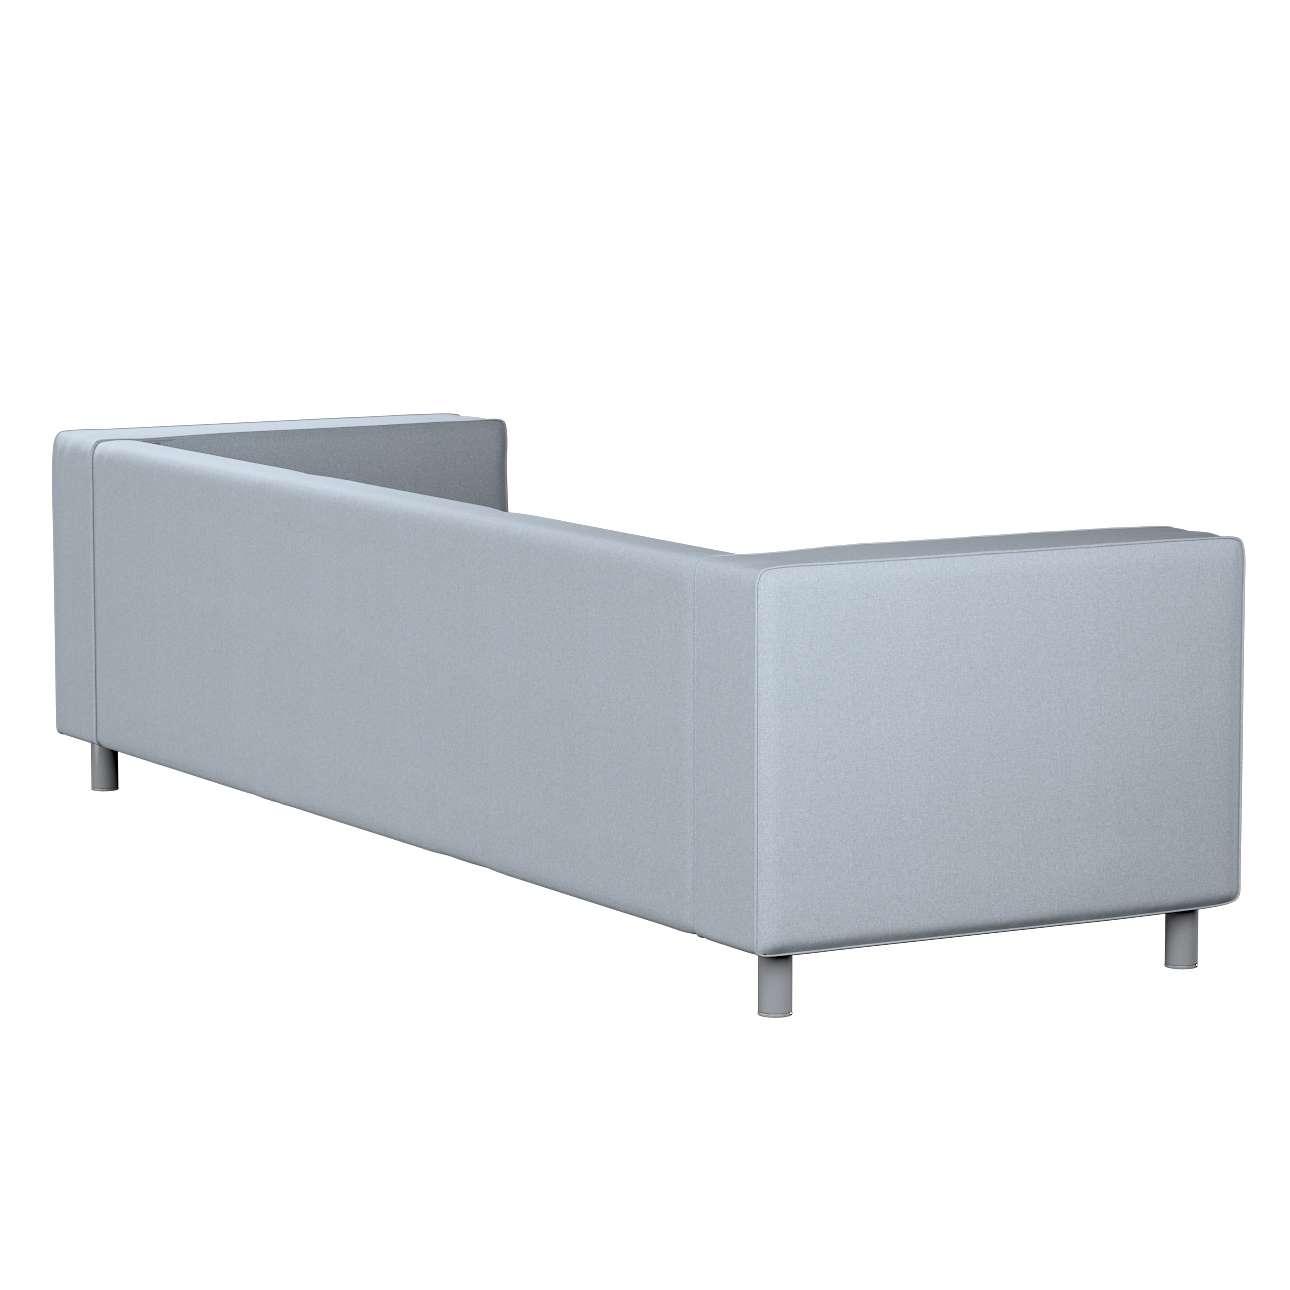 Pokrowiec na sofę Klippan 4-osobową w kolekcji Amsterdam, tkanina: 704-46